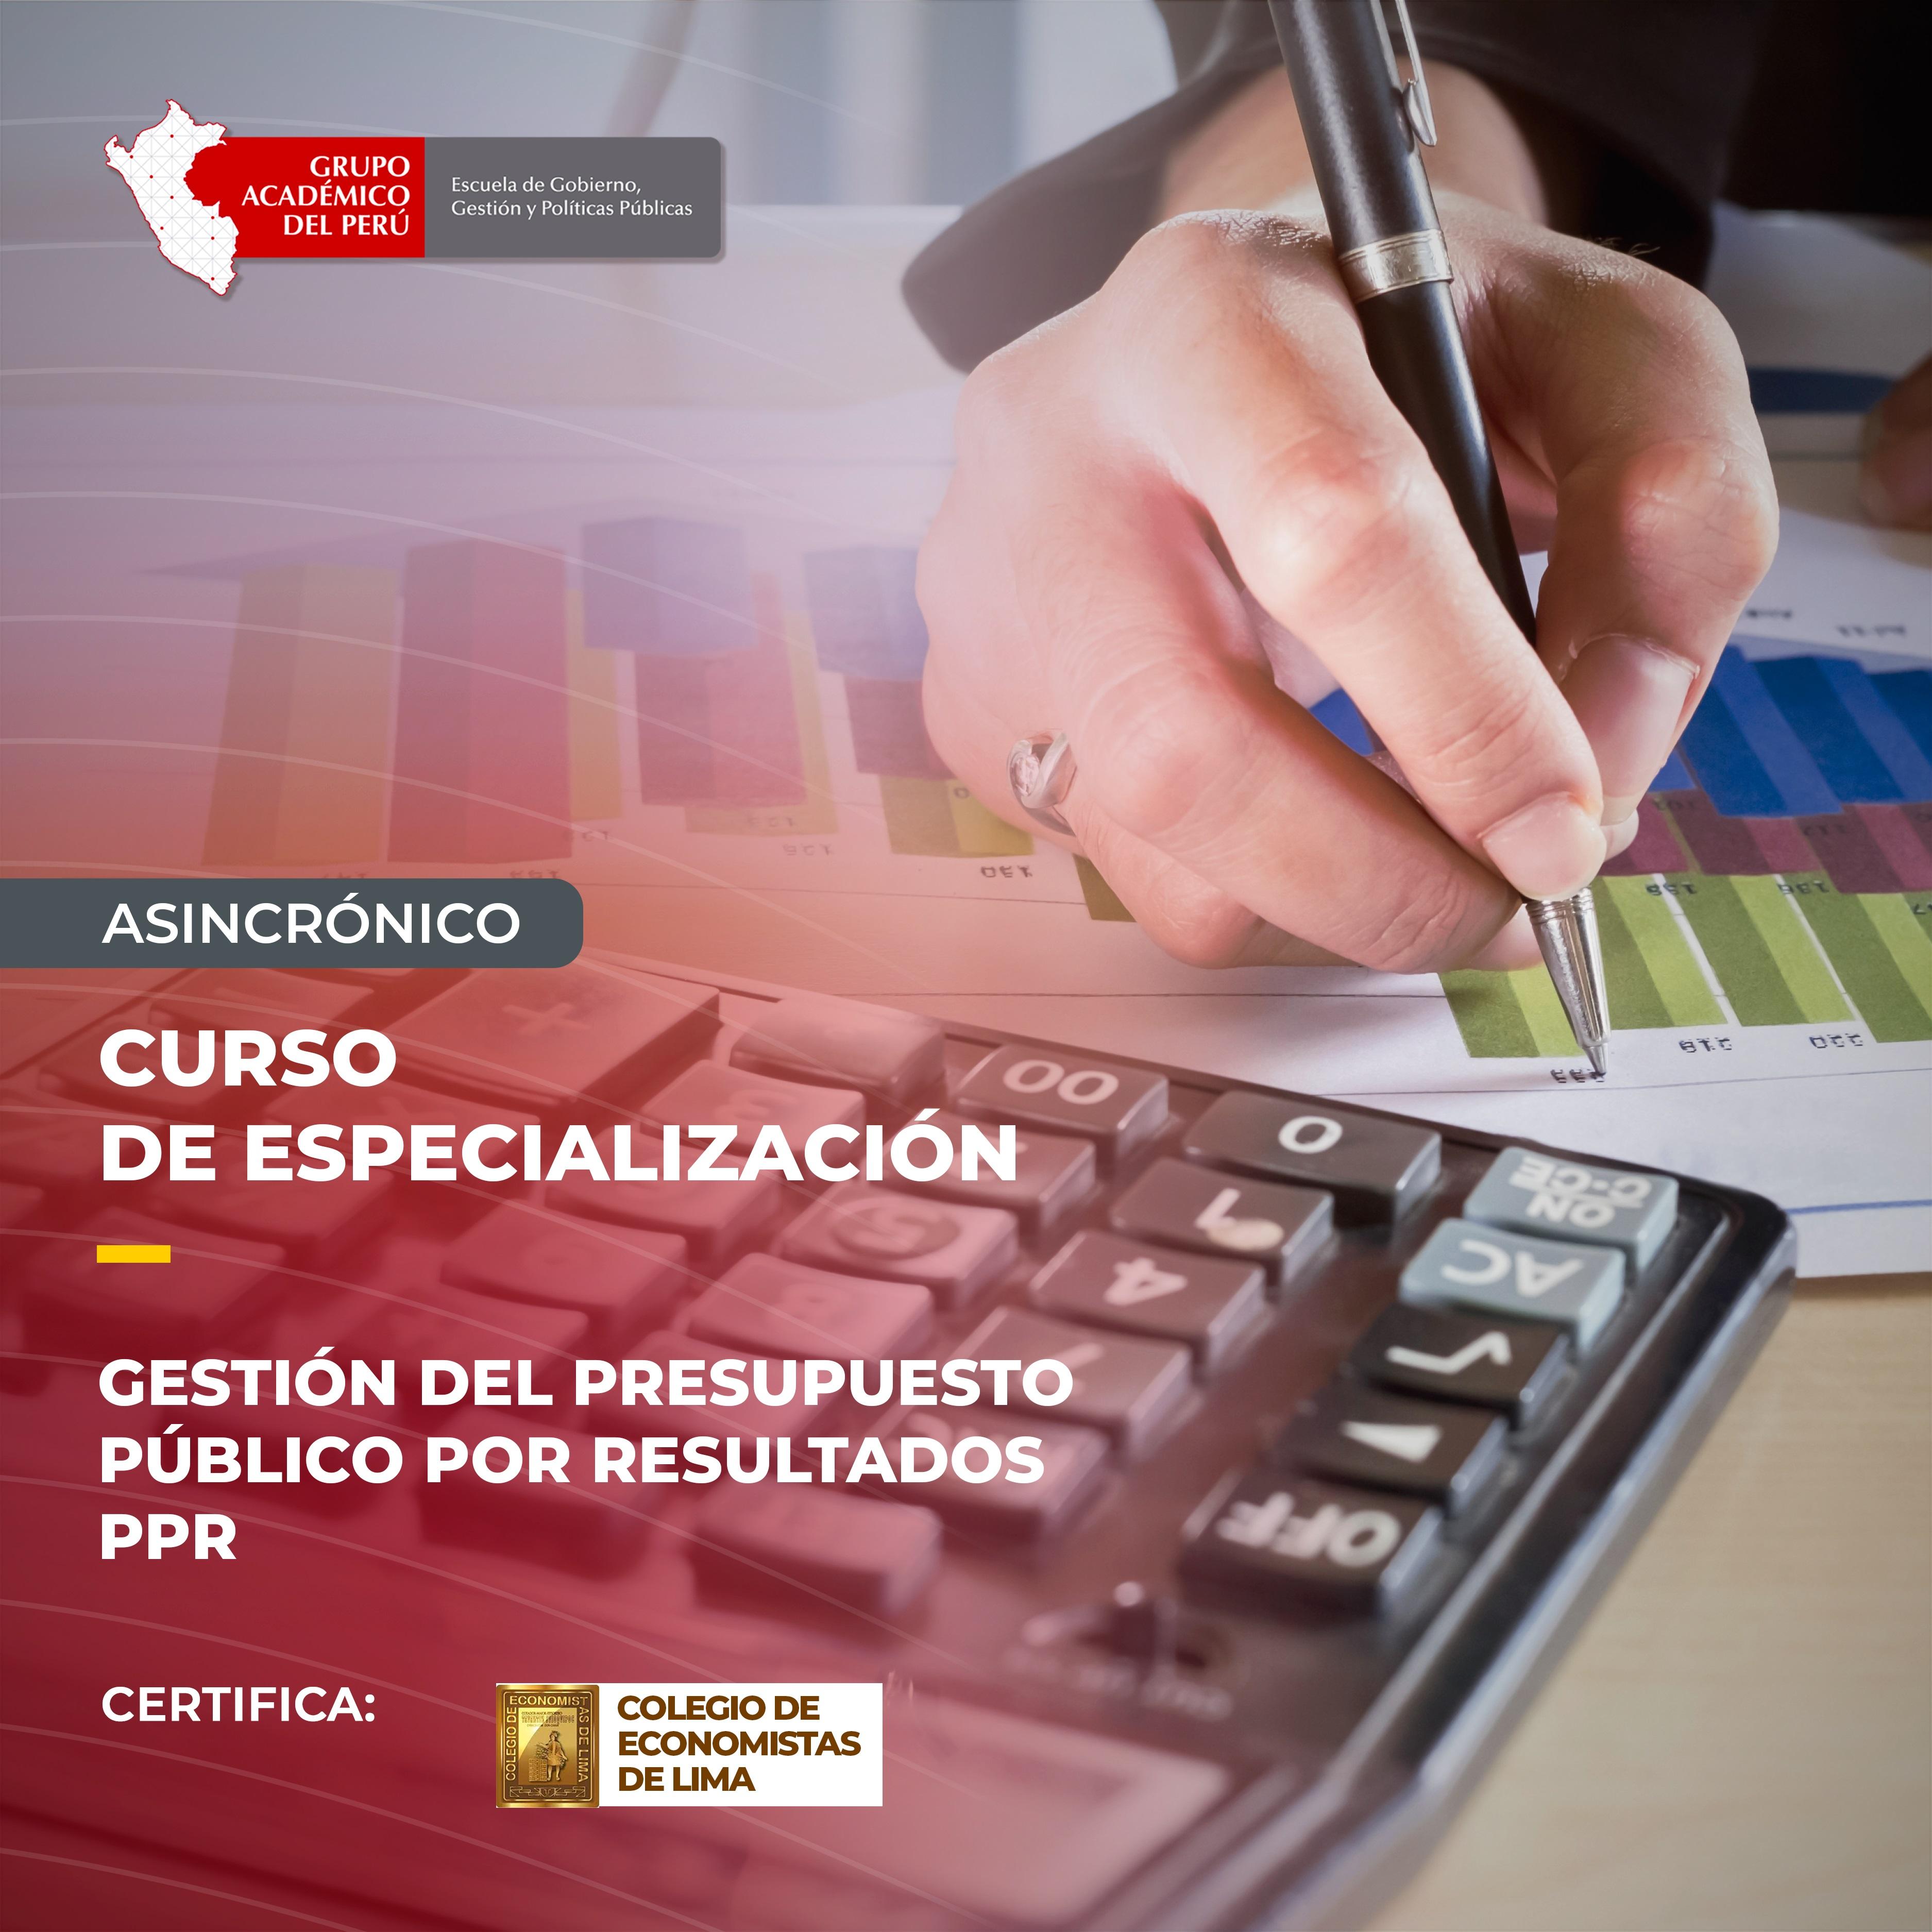 Presupuesto Publico por Resultados